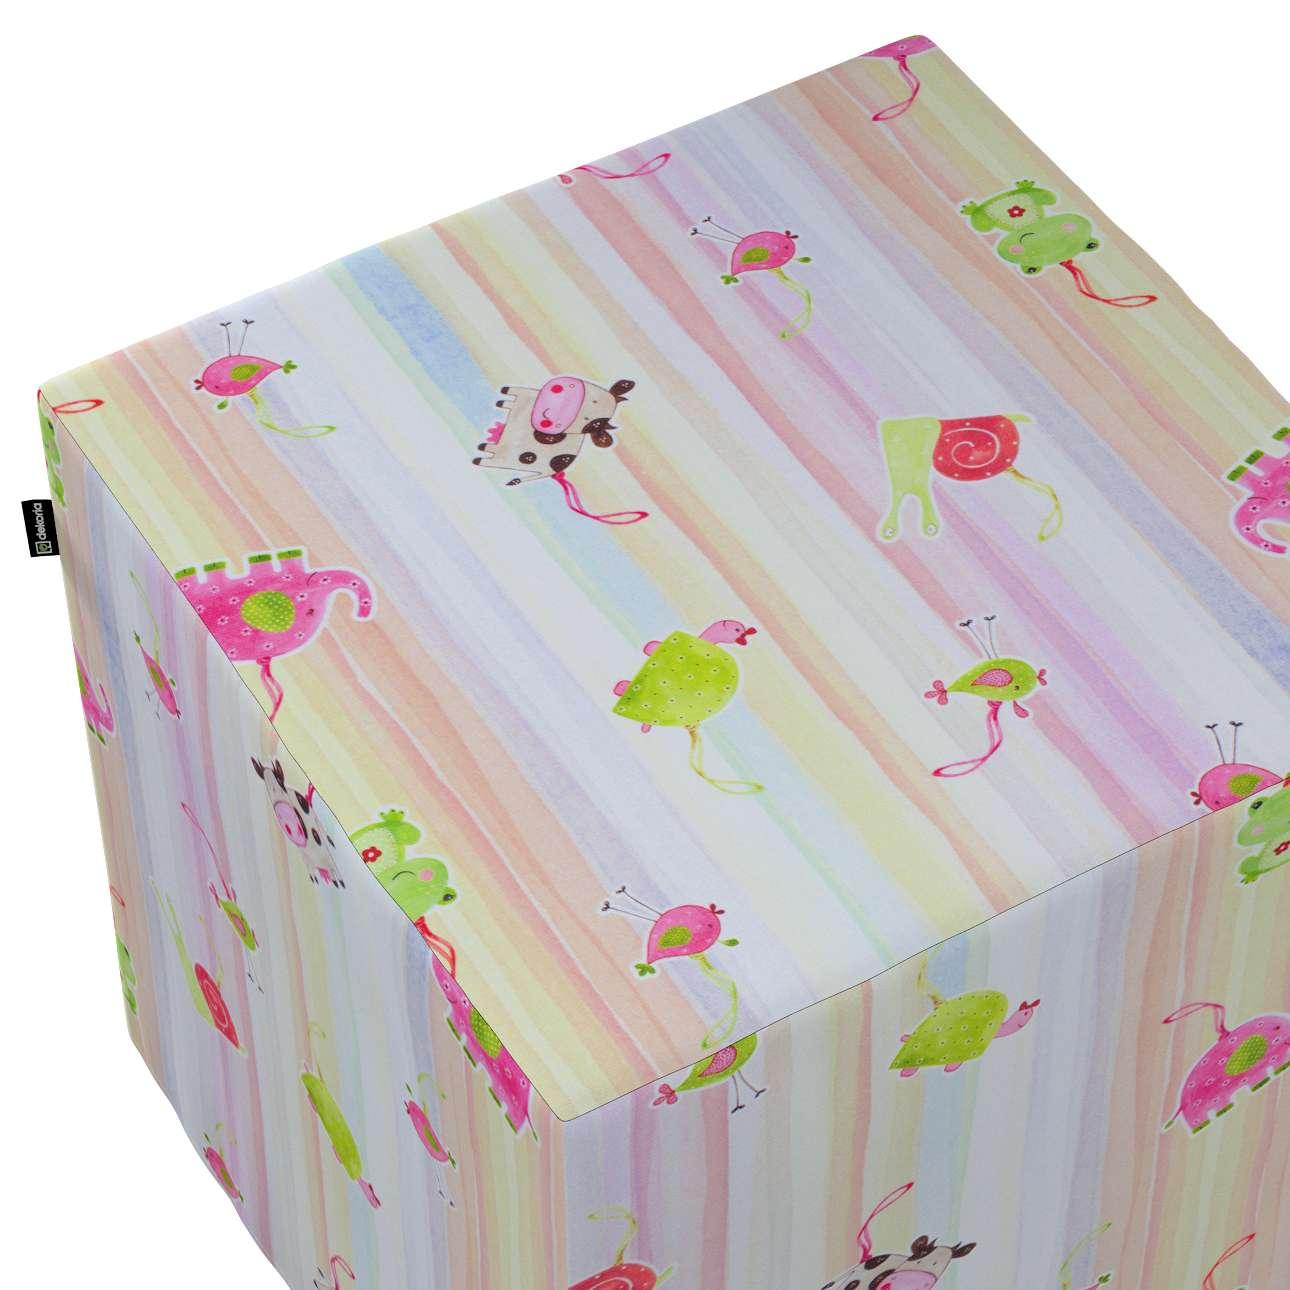 Taburetka tvrdá, kocka V kolekcii Little World, tkanina: 151-05